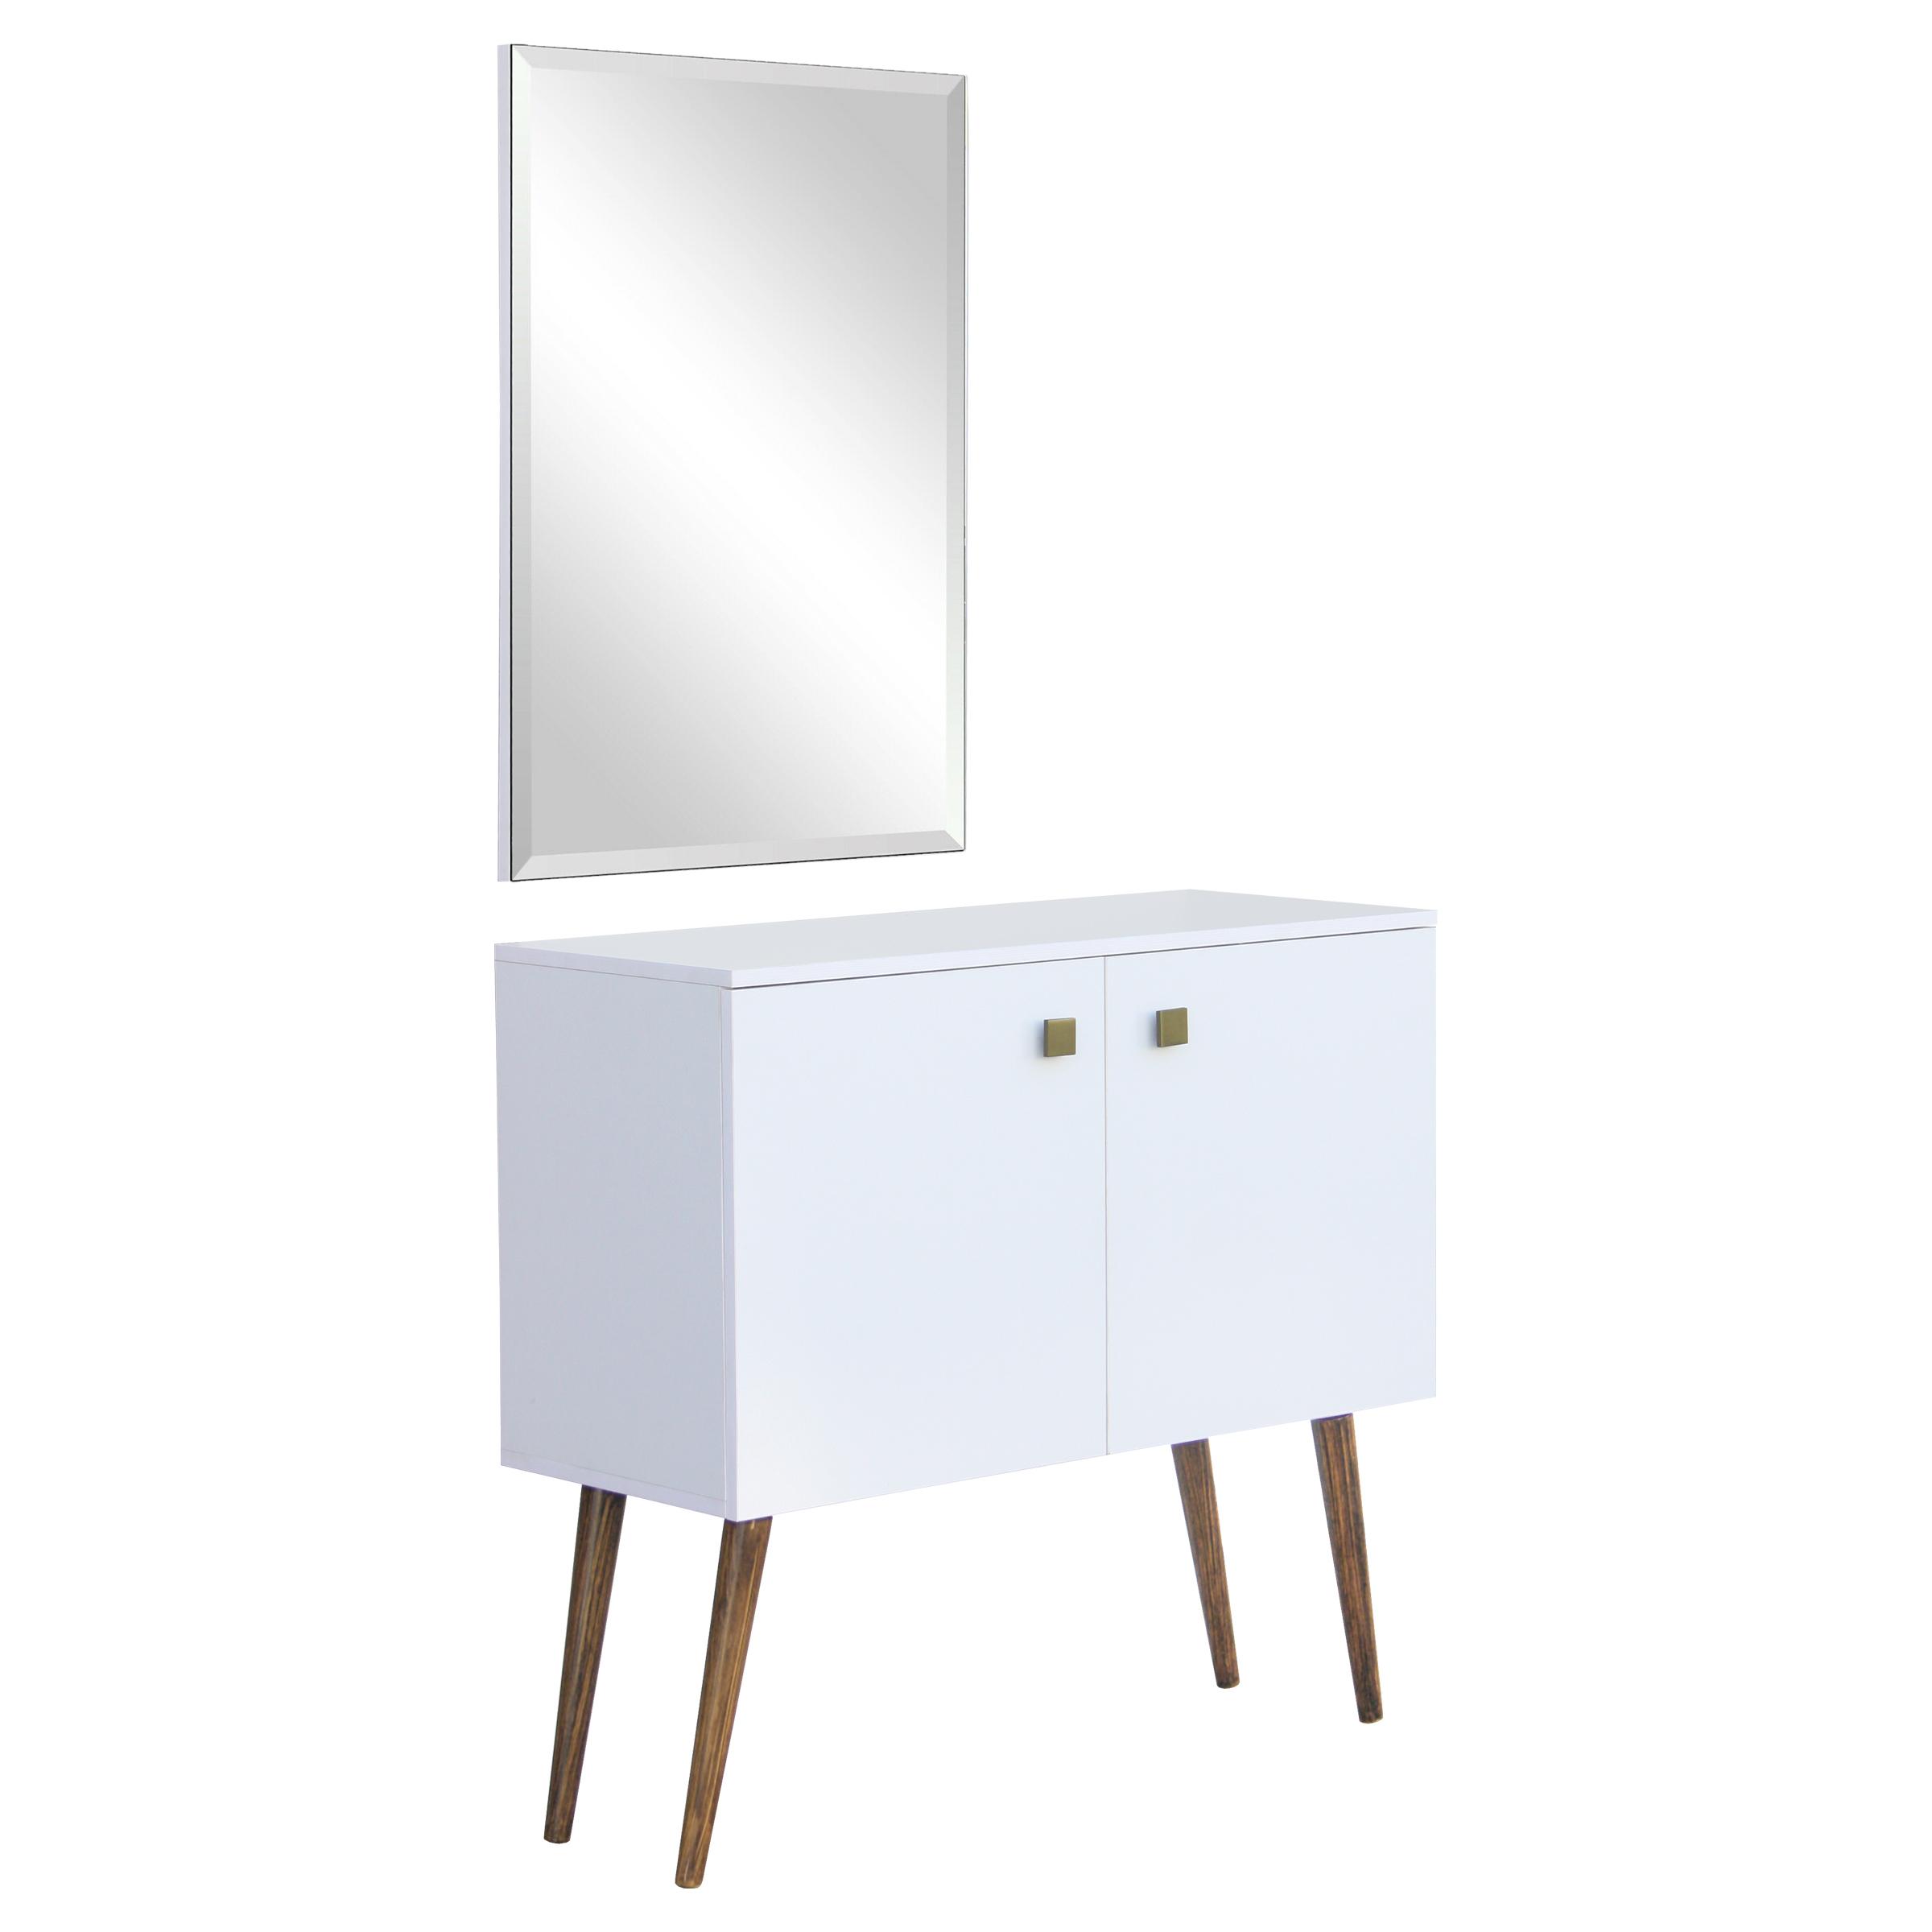 جاکفشی سایان هوم مدل JK 02 به همراه آینه